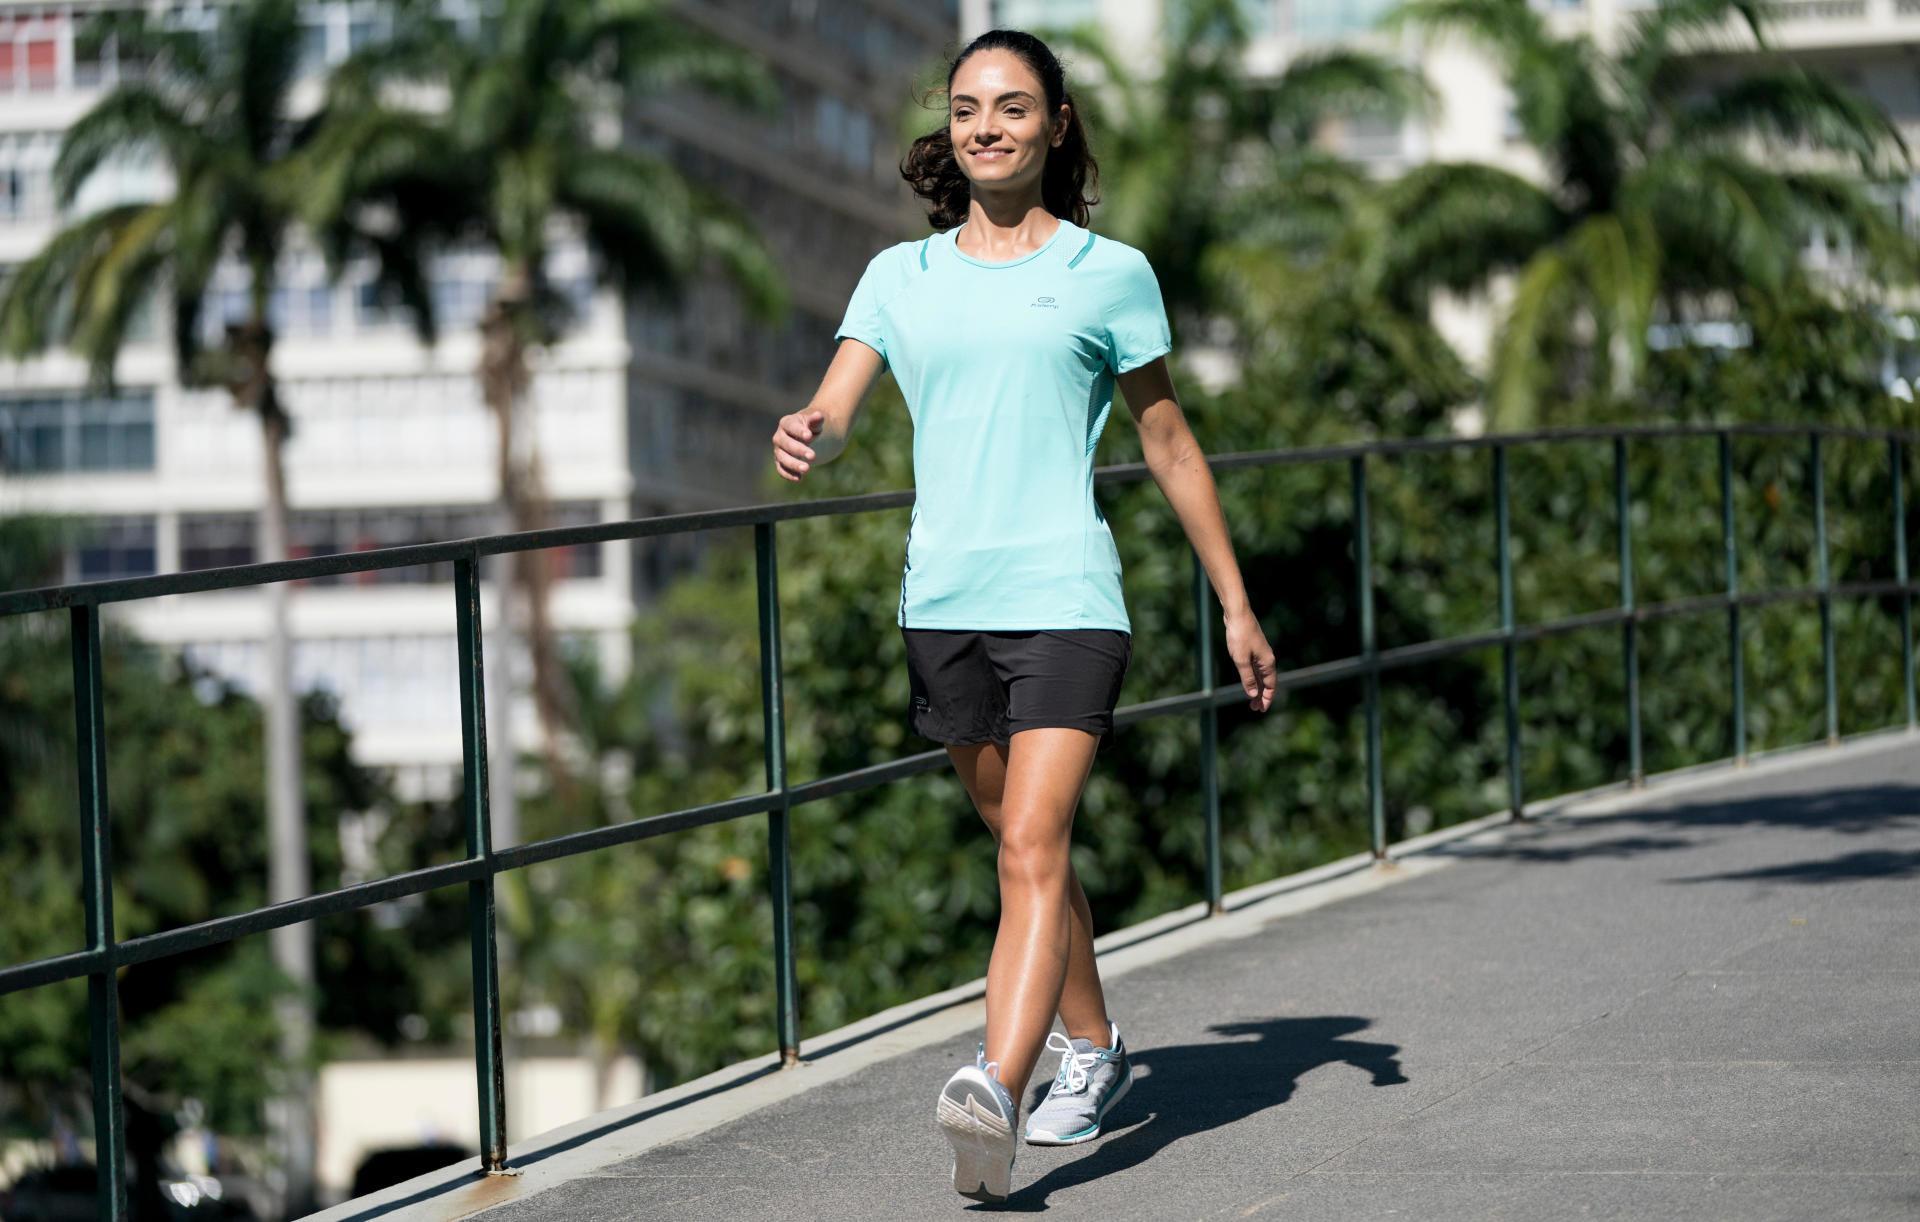 La naturopathie pour perdre du poids Paris – Consultations recommandées 75 – Medoucine